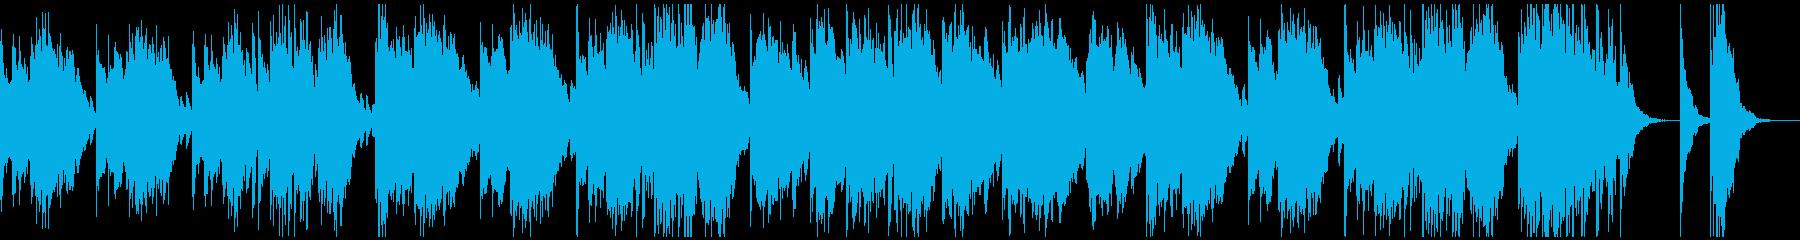 マリンバのメロディが軽快で楽しいインストの再生済みの波形